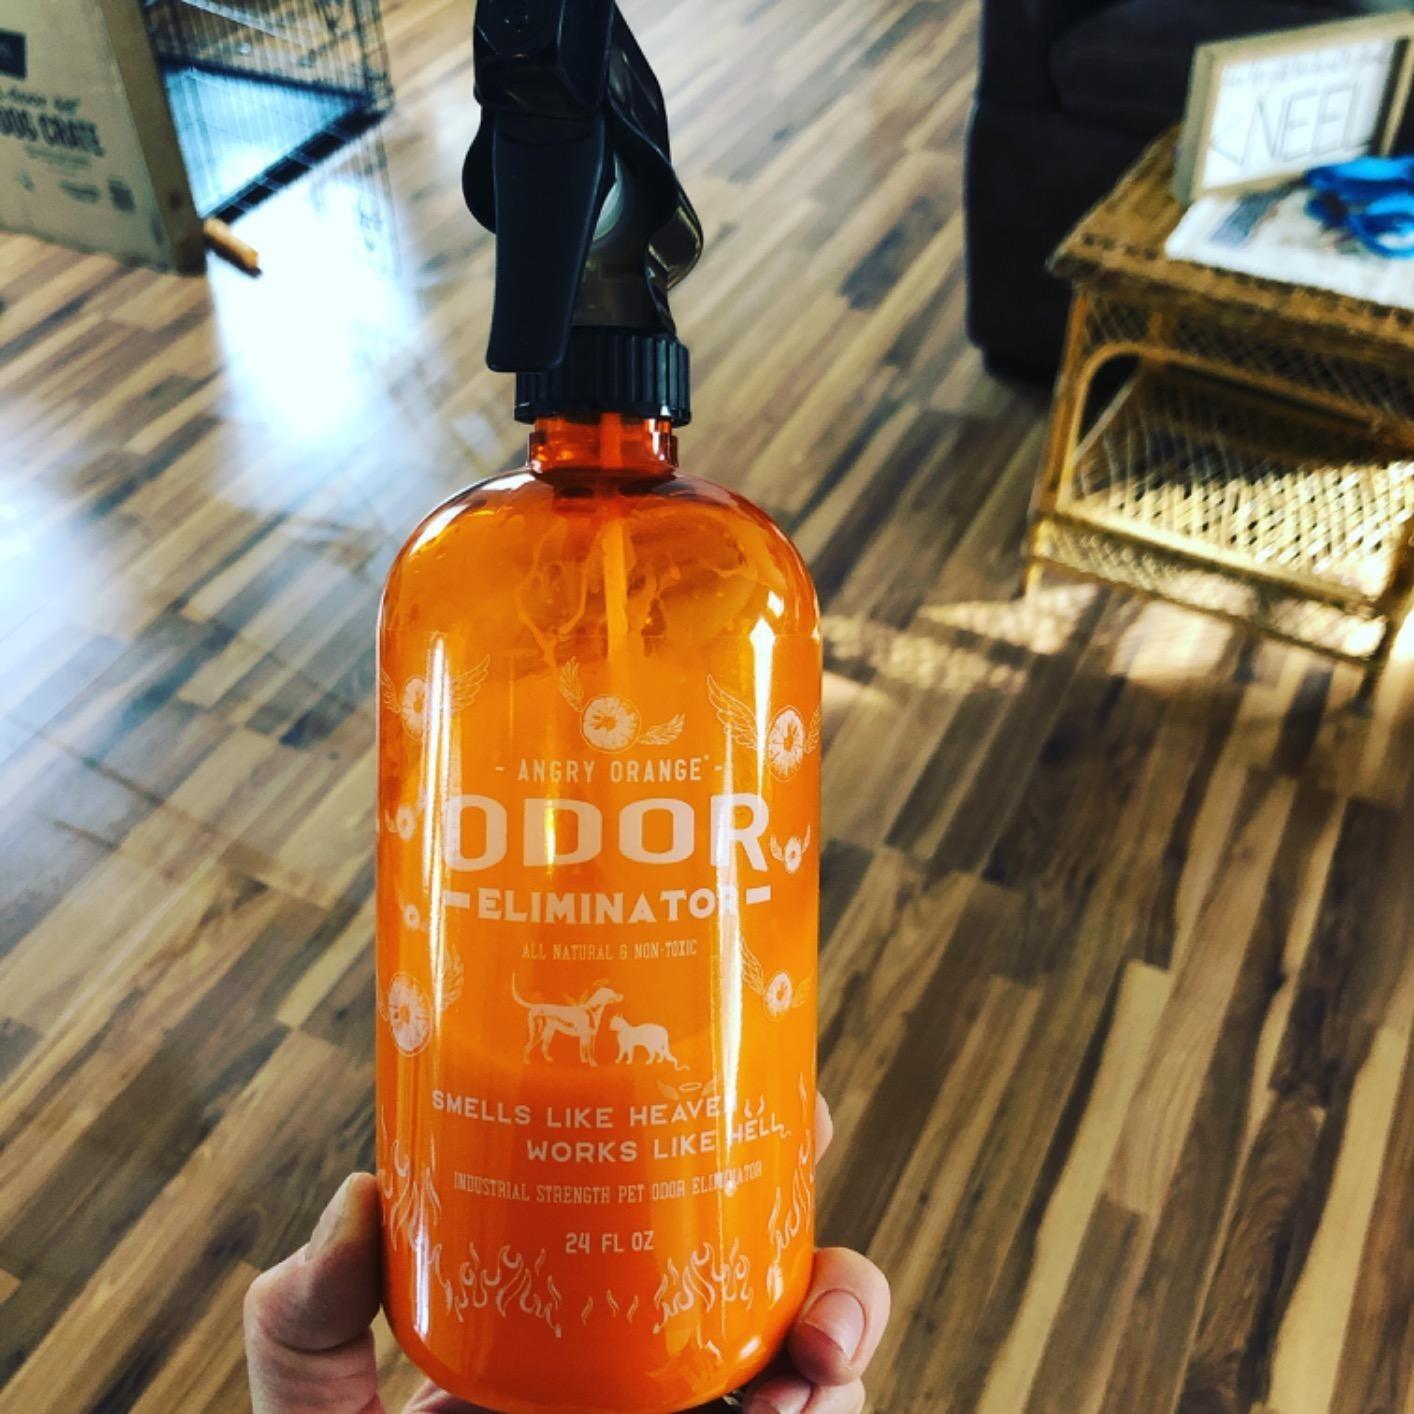 the orange bottle held up in front of a wood floor